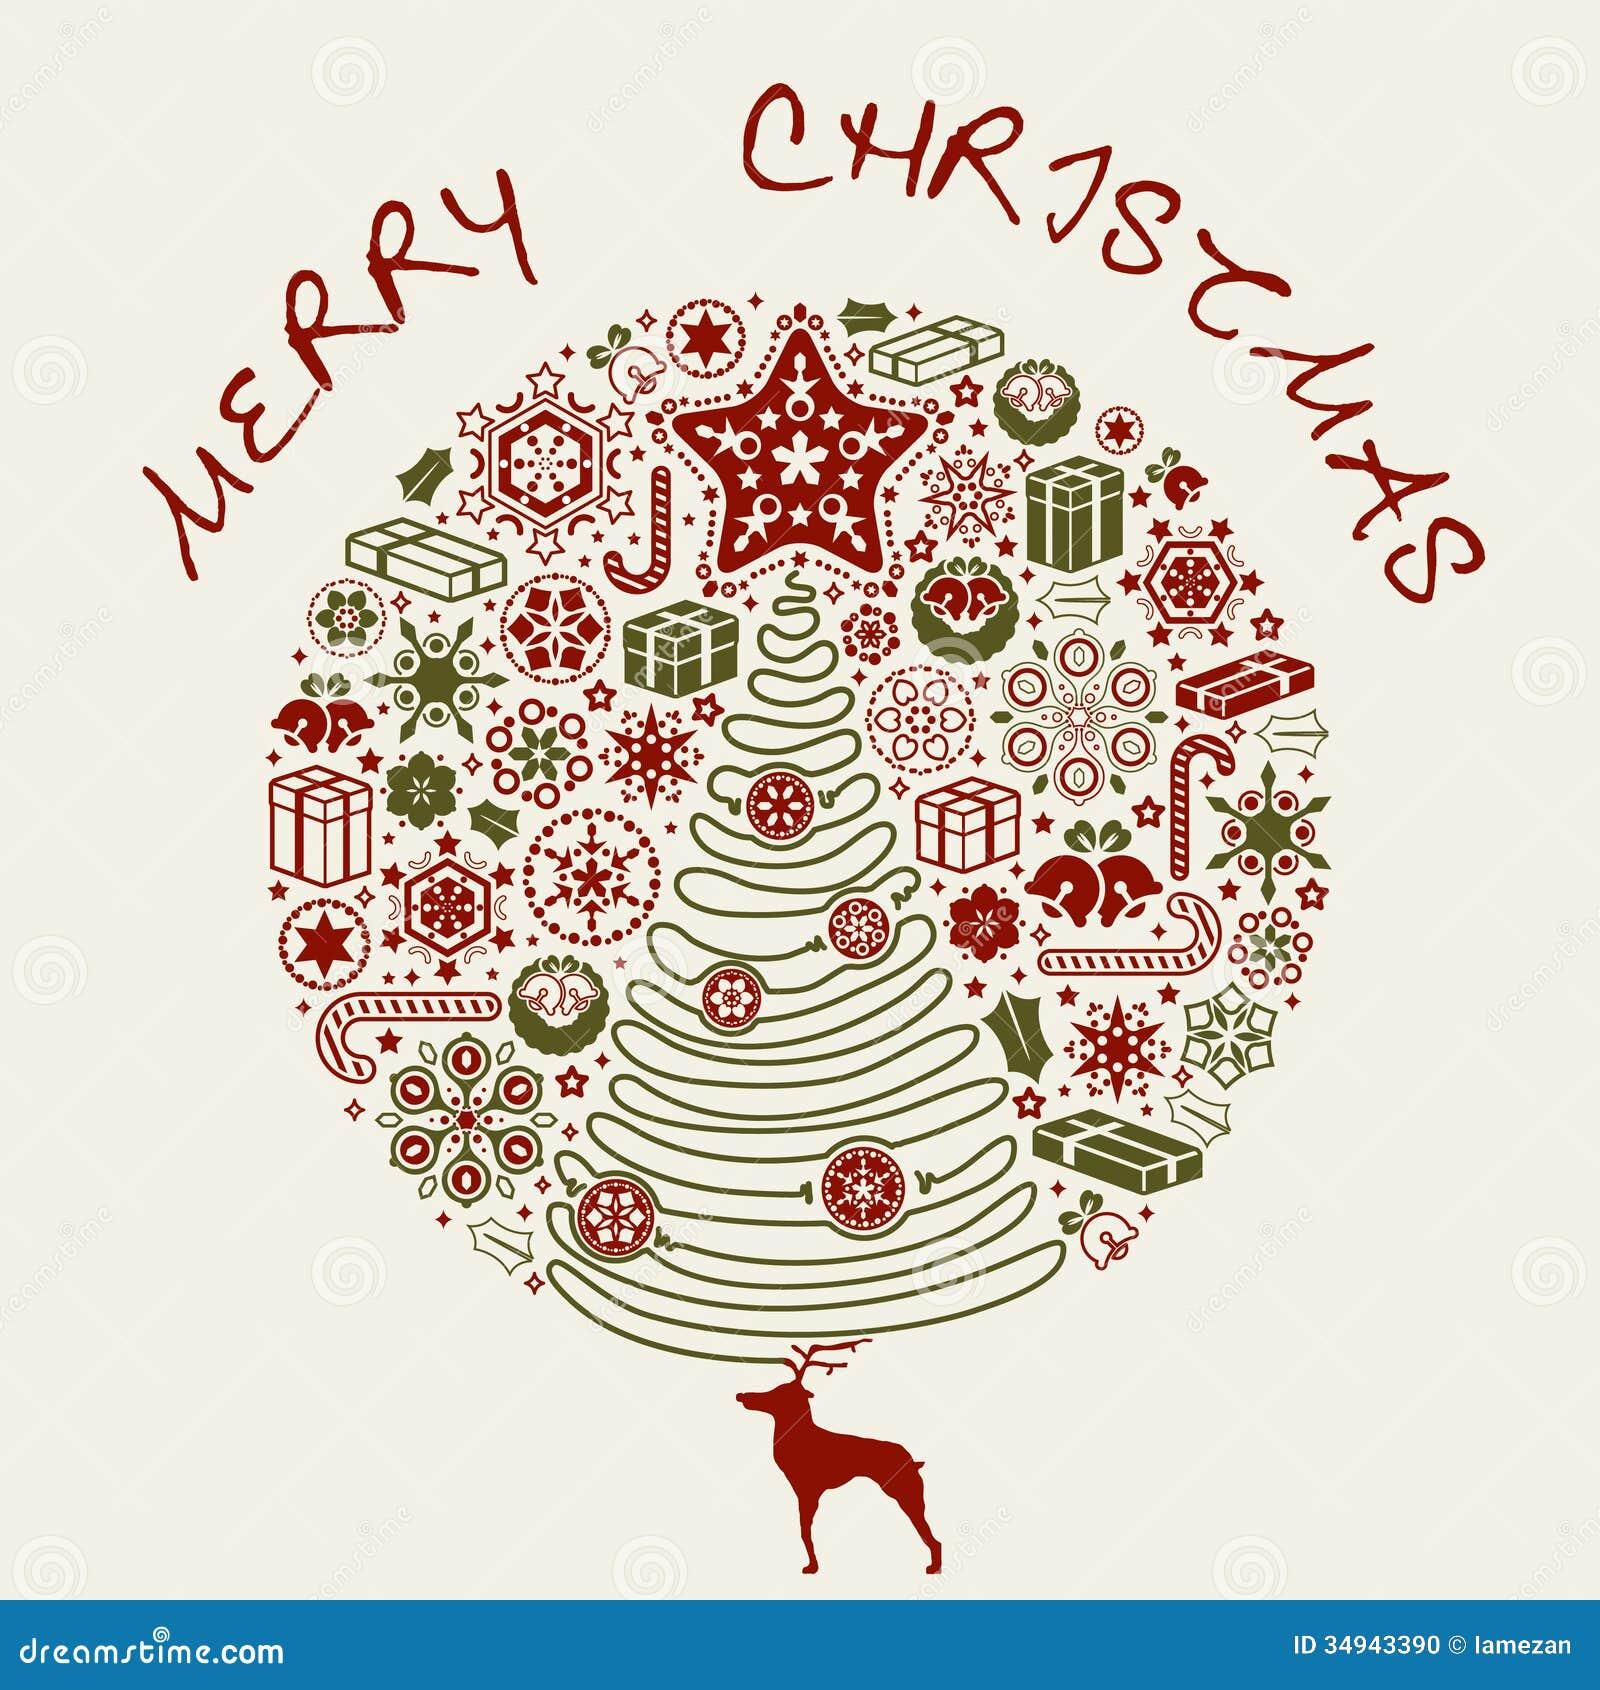 merry christmas card - Merry Christmas Card